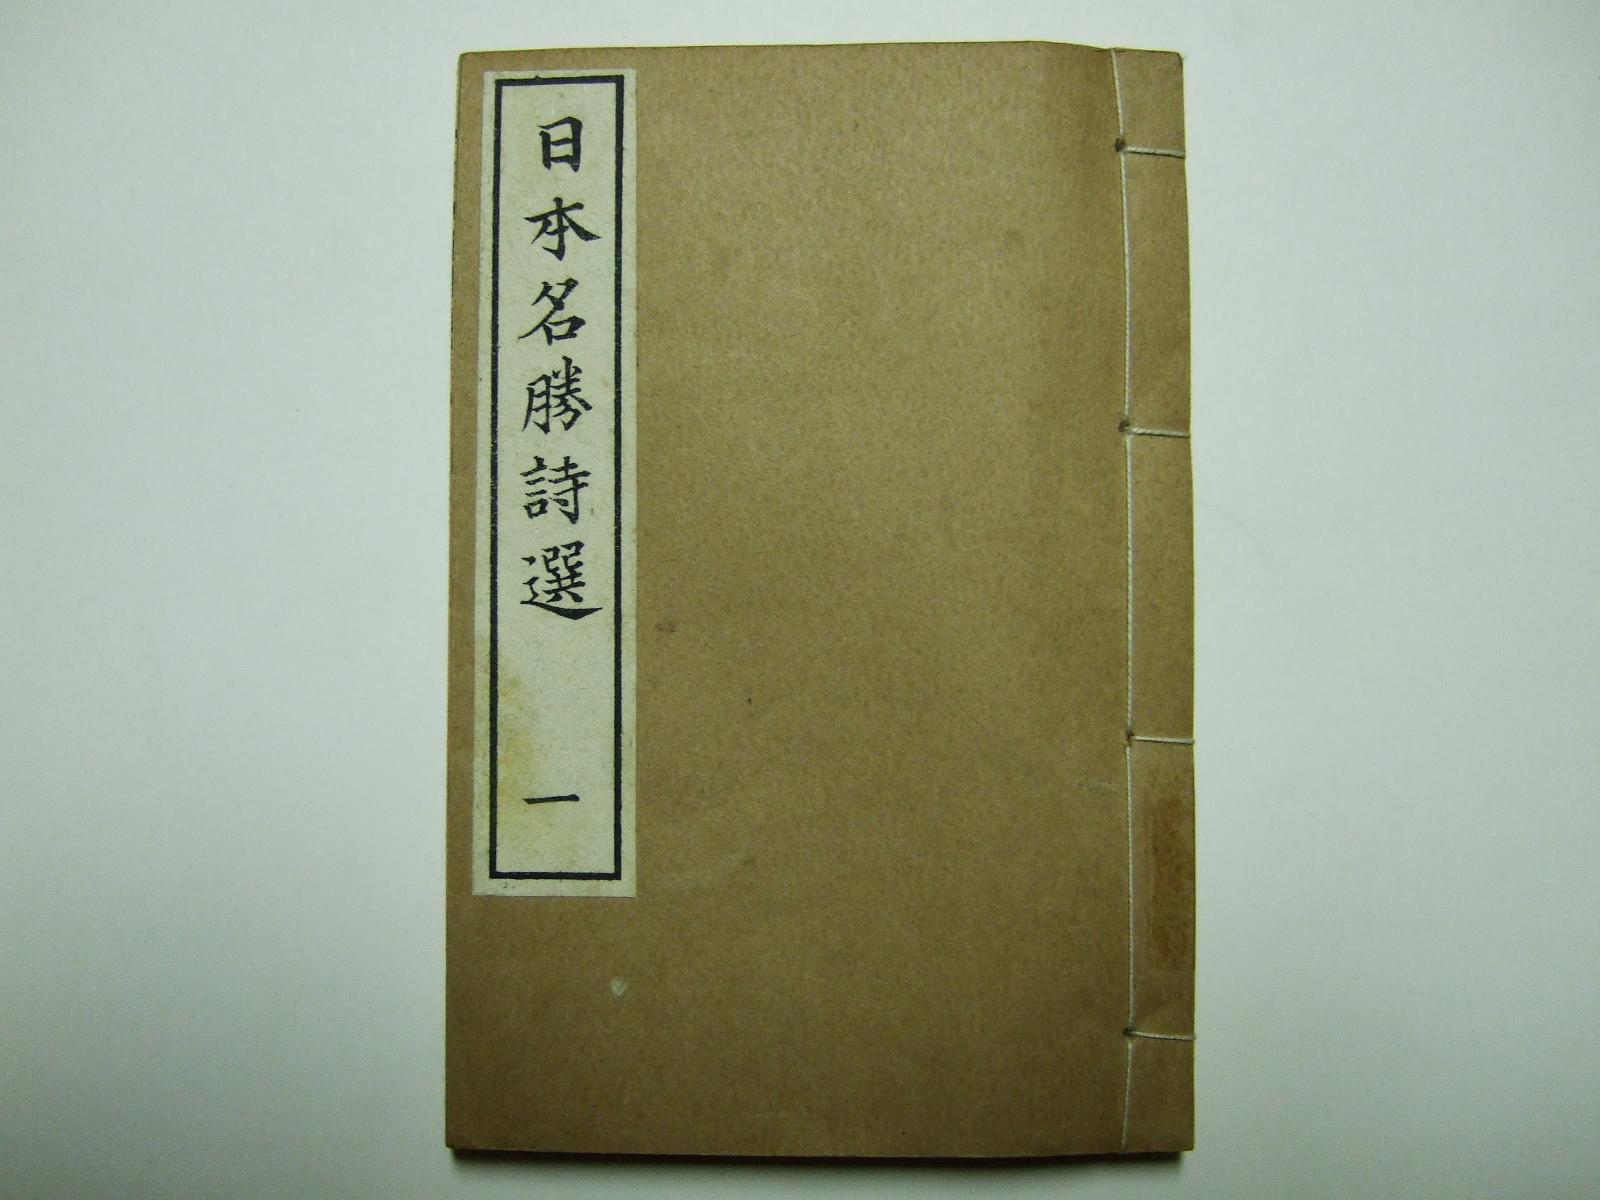 近代書誌・近代画像データベース日本名勝詩選